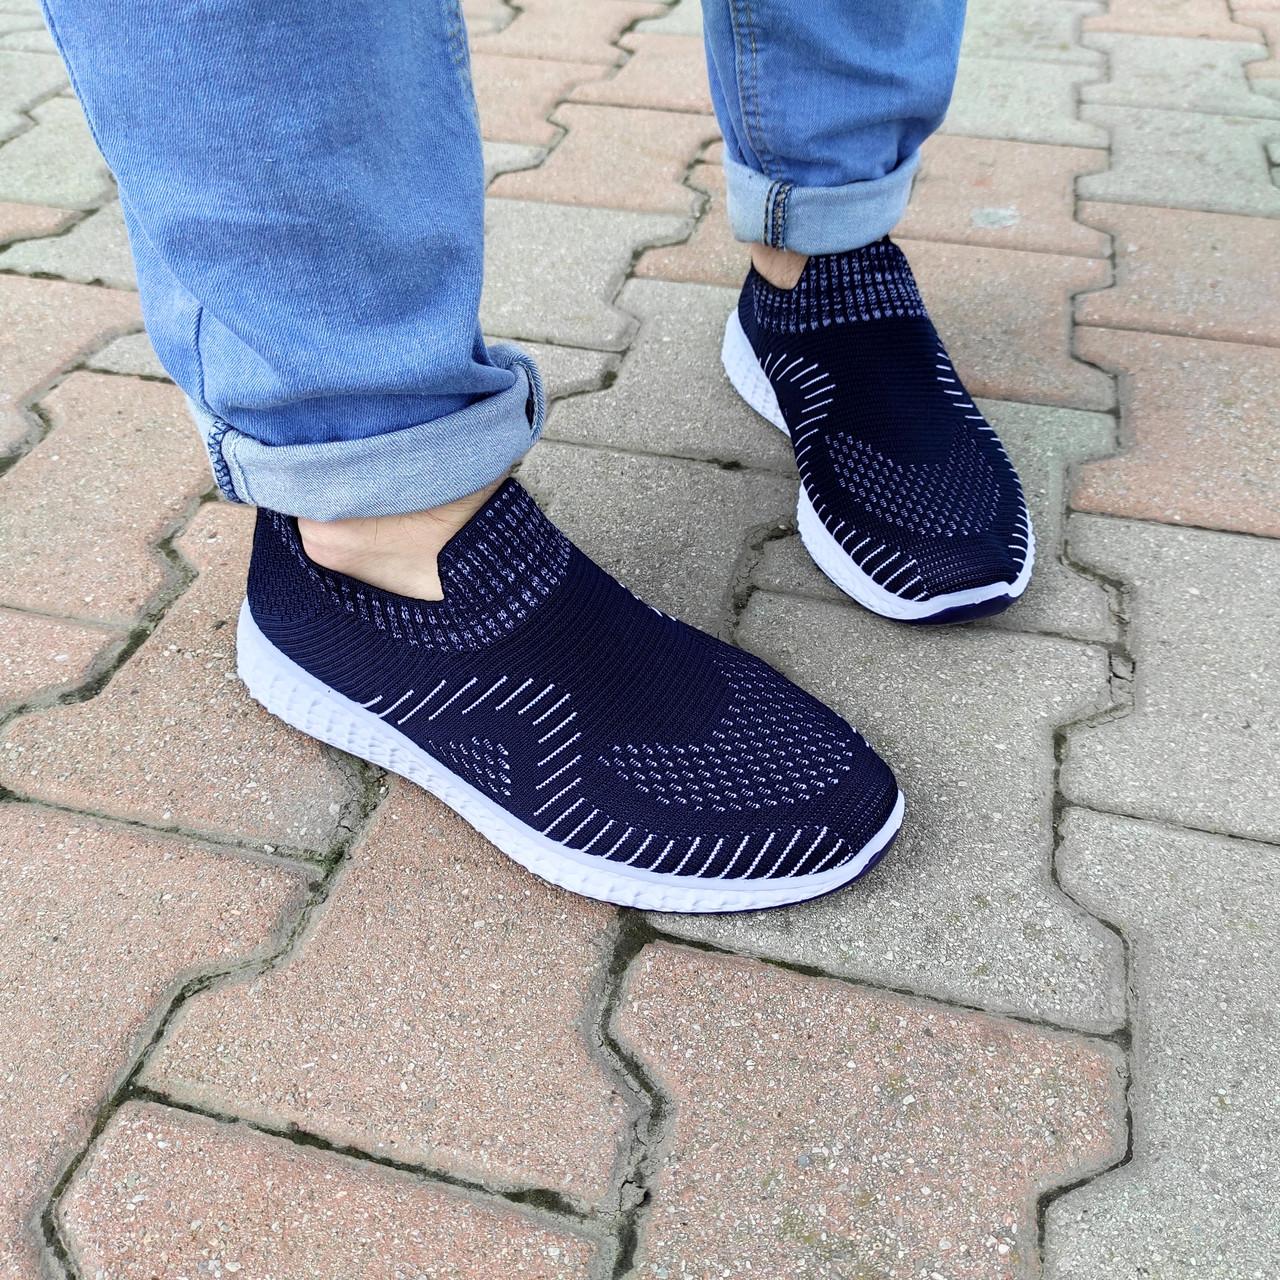 Синие мужские тканевые кроссовки носки летние текстиль легкие беговые без шнурков